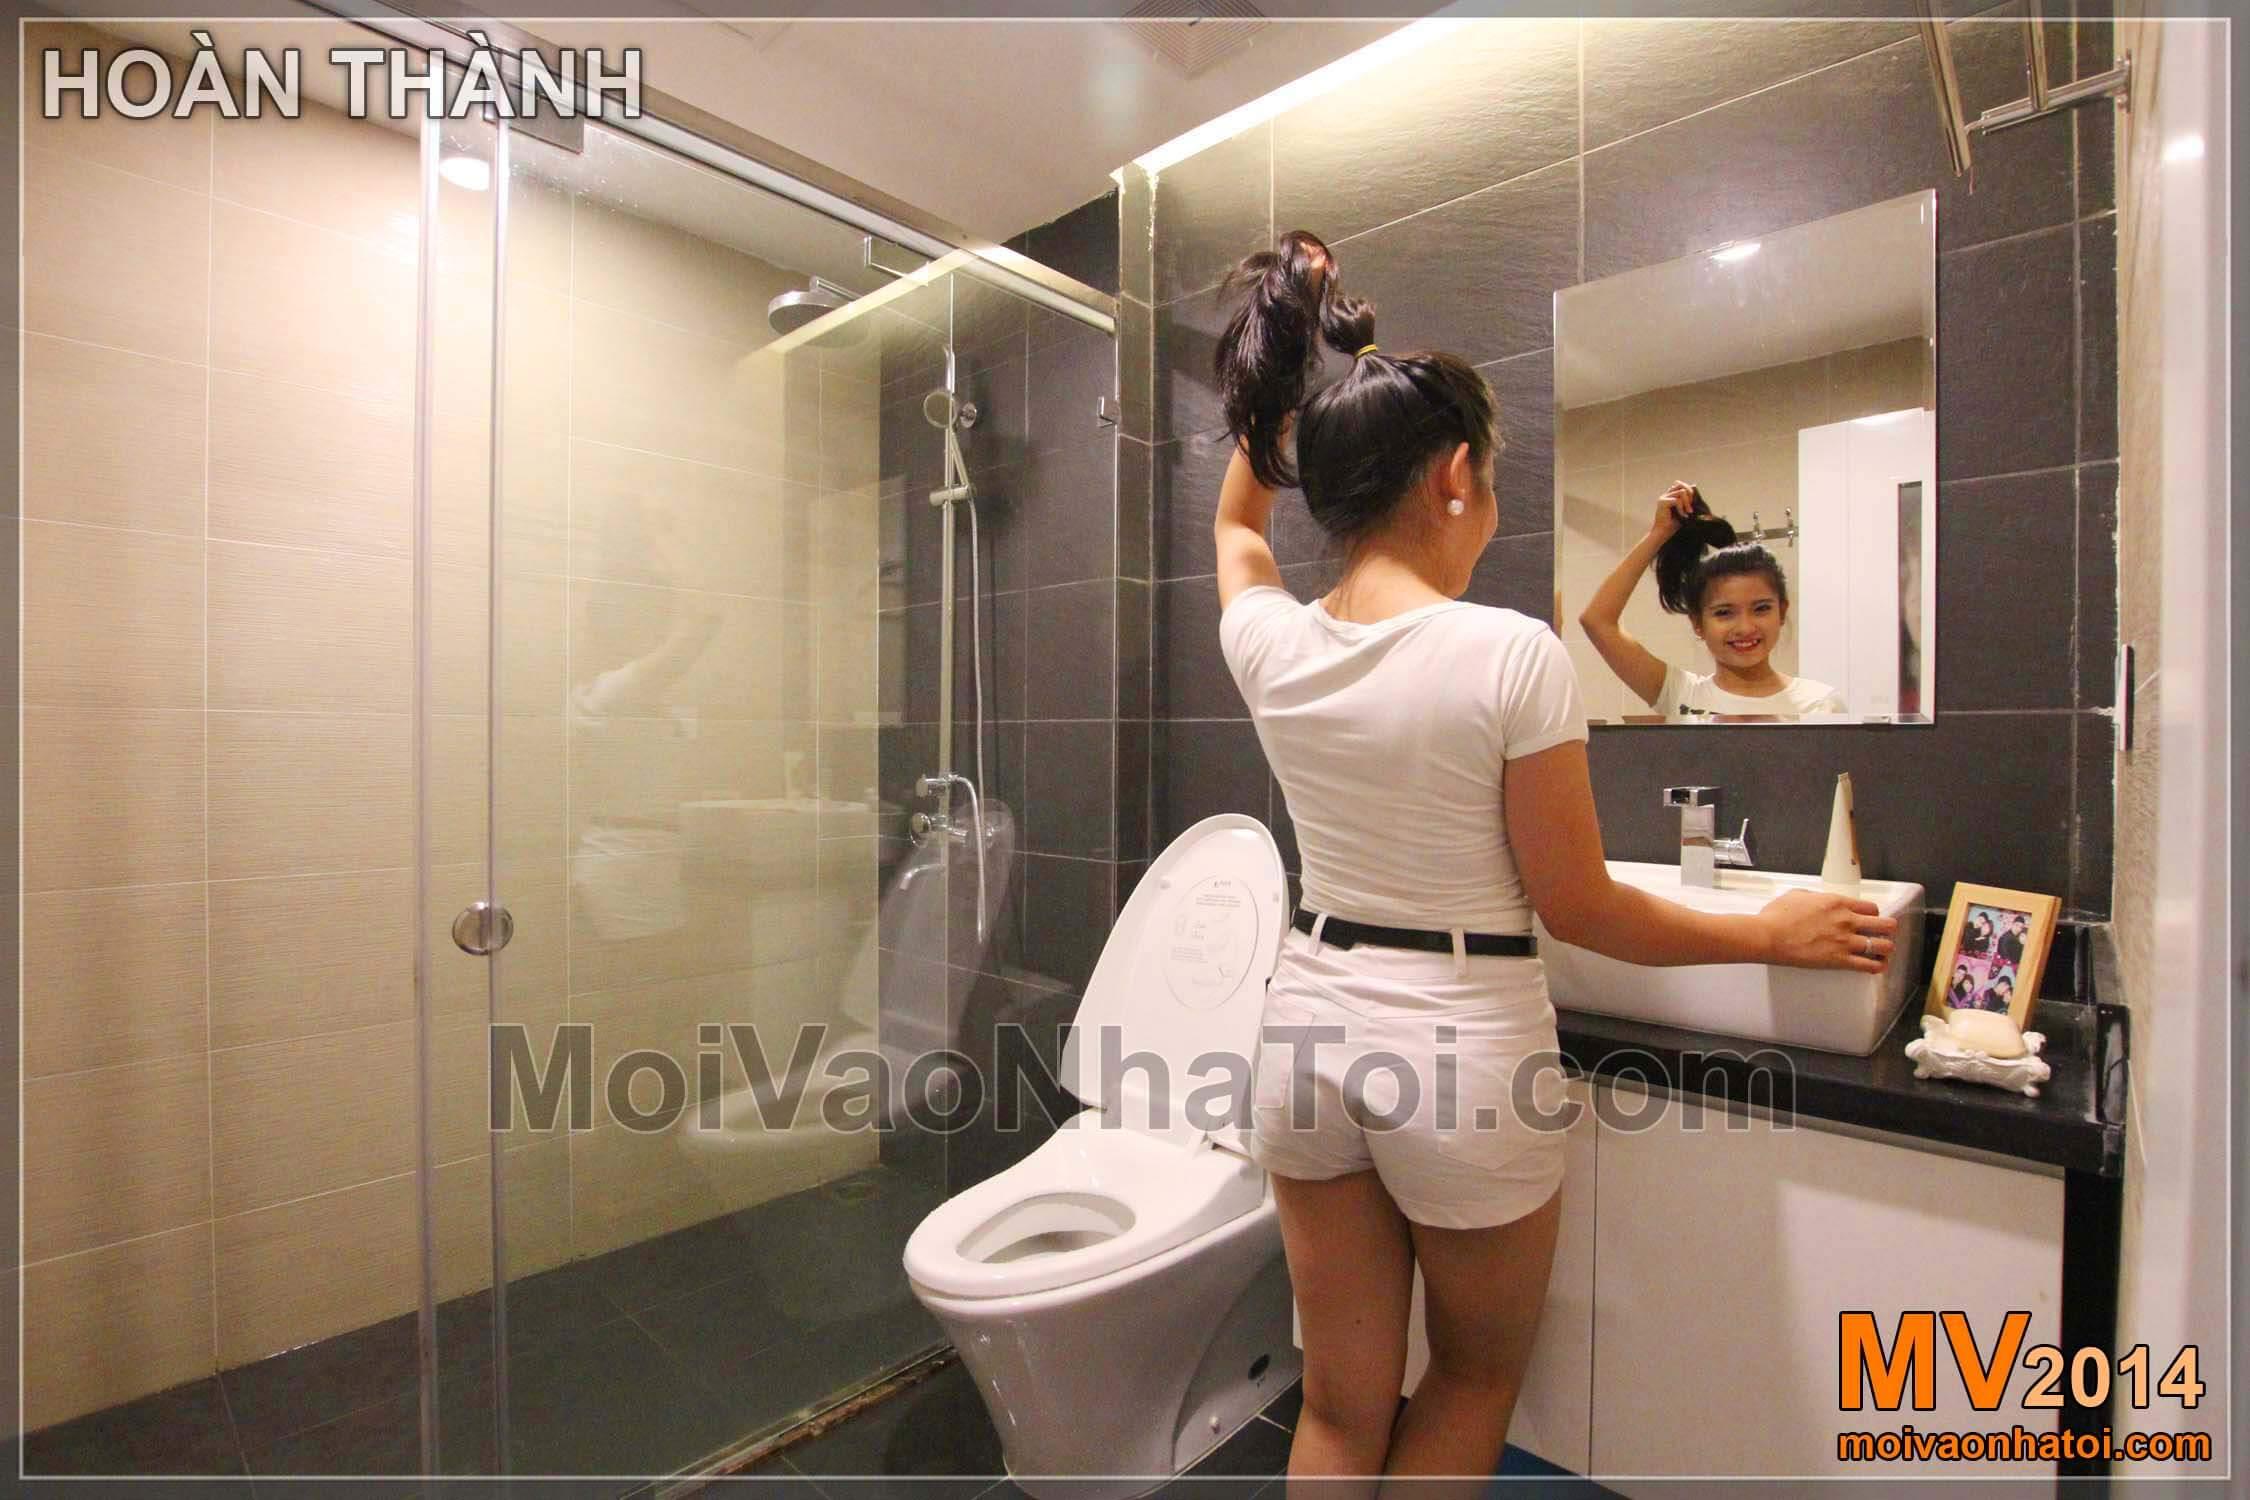 Chung cư Star City Nội thất phòng WC khi hoàn thành